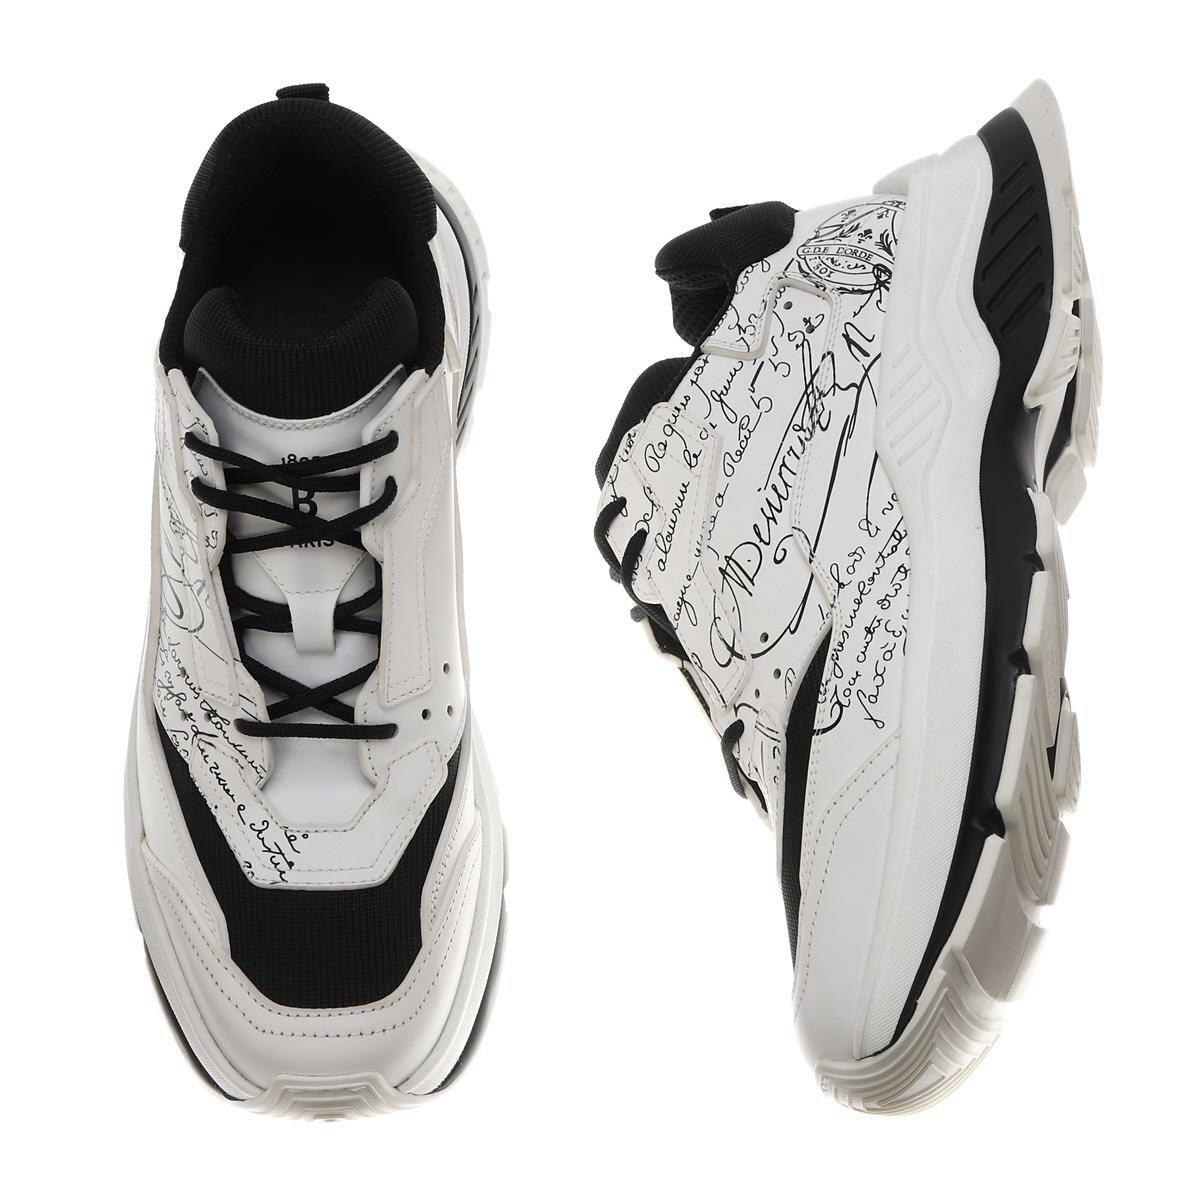 メンズ靴, スニーカー  BERLUTI s5048 001 w02 white GRAVITY